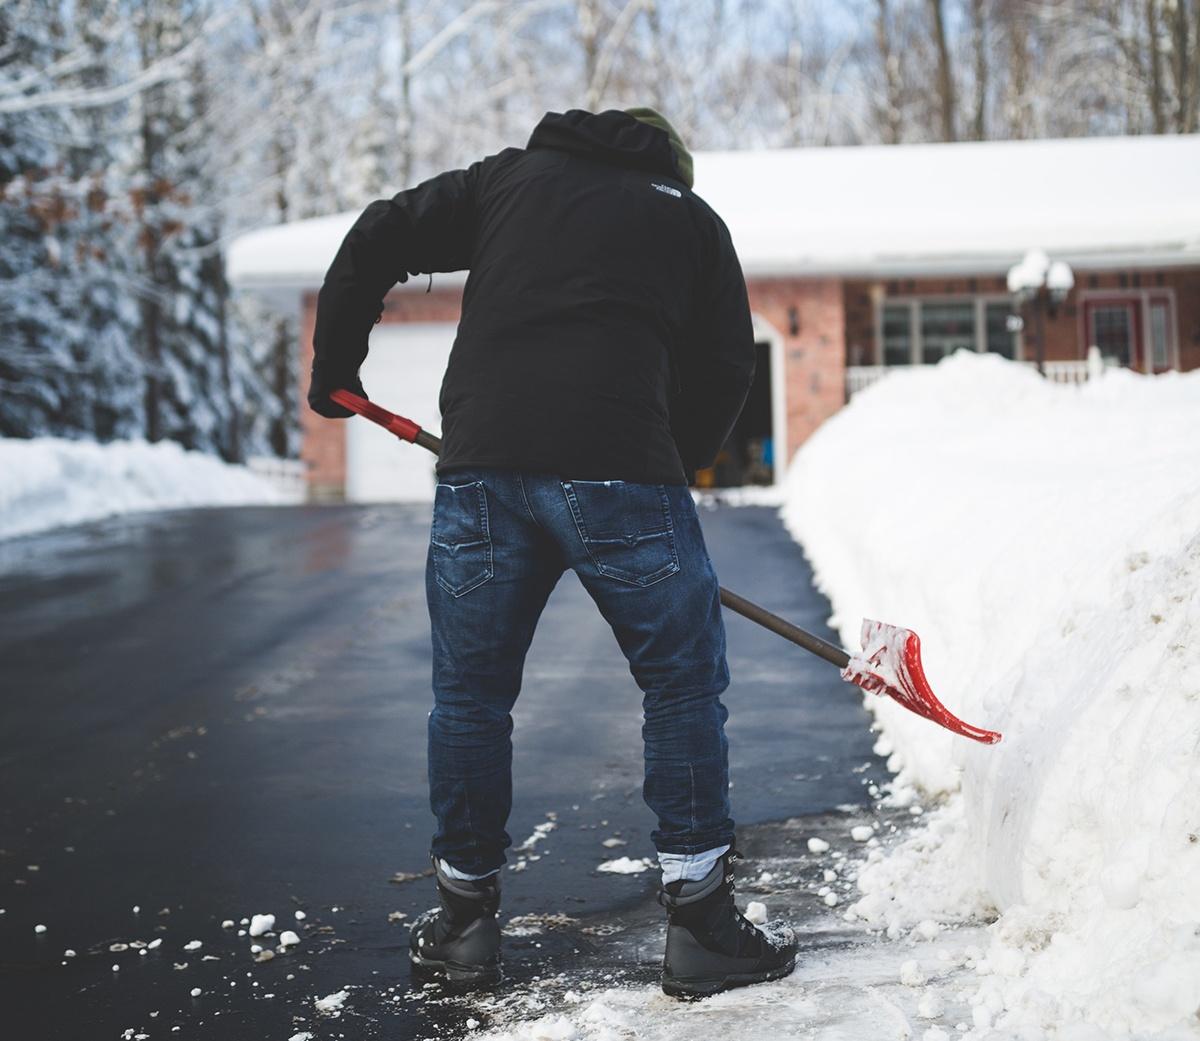 Snow Shoveling: Tips & Tricks to Make the Job Easier